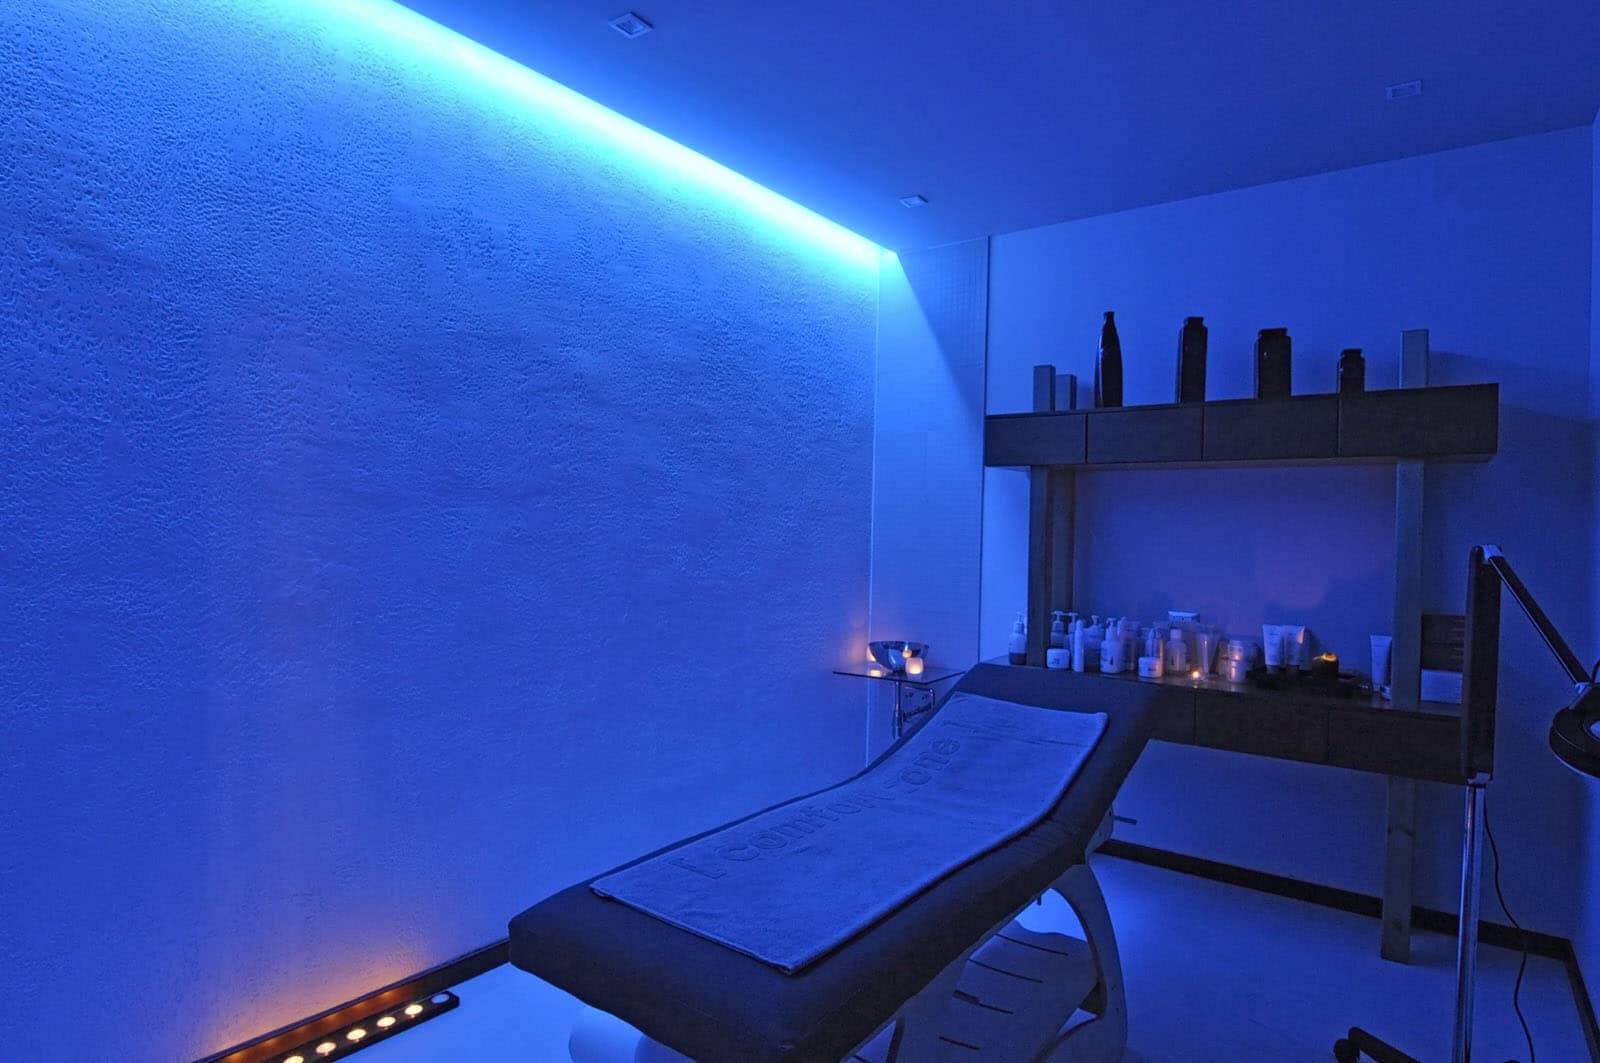 Centro estetico Anna Mari - Therapy room